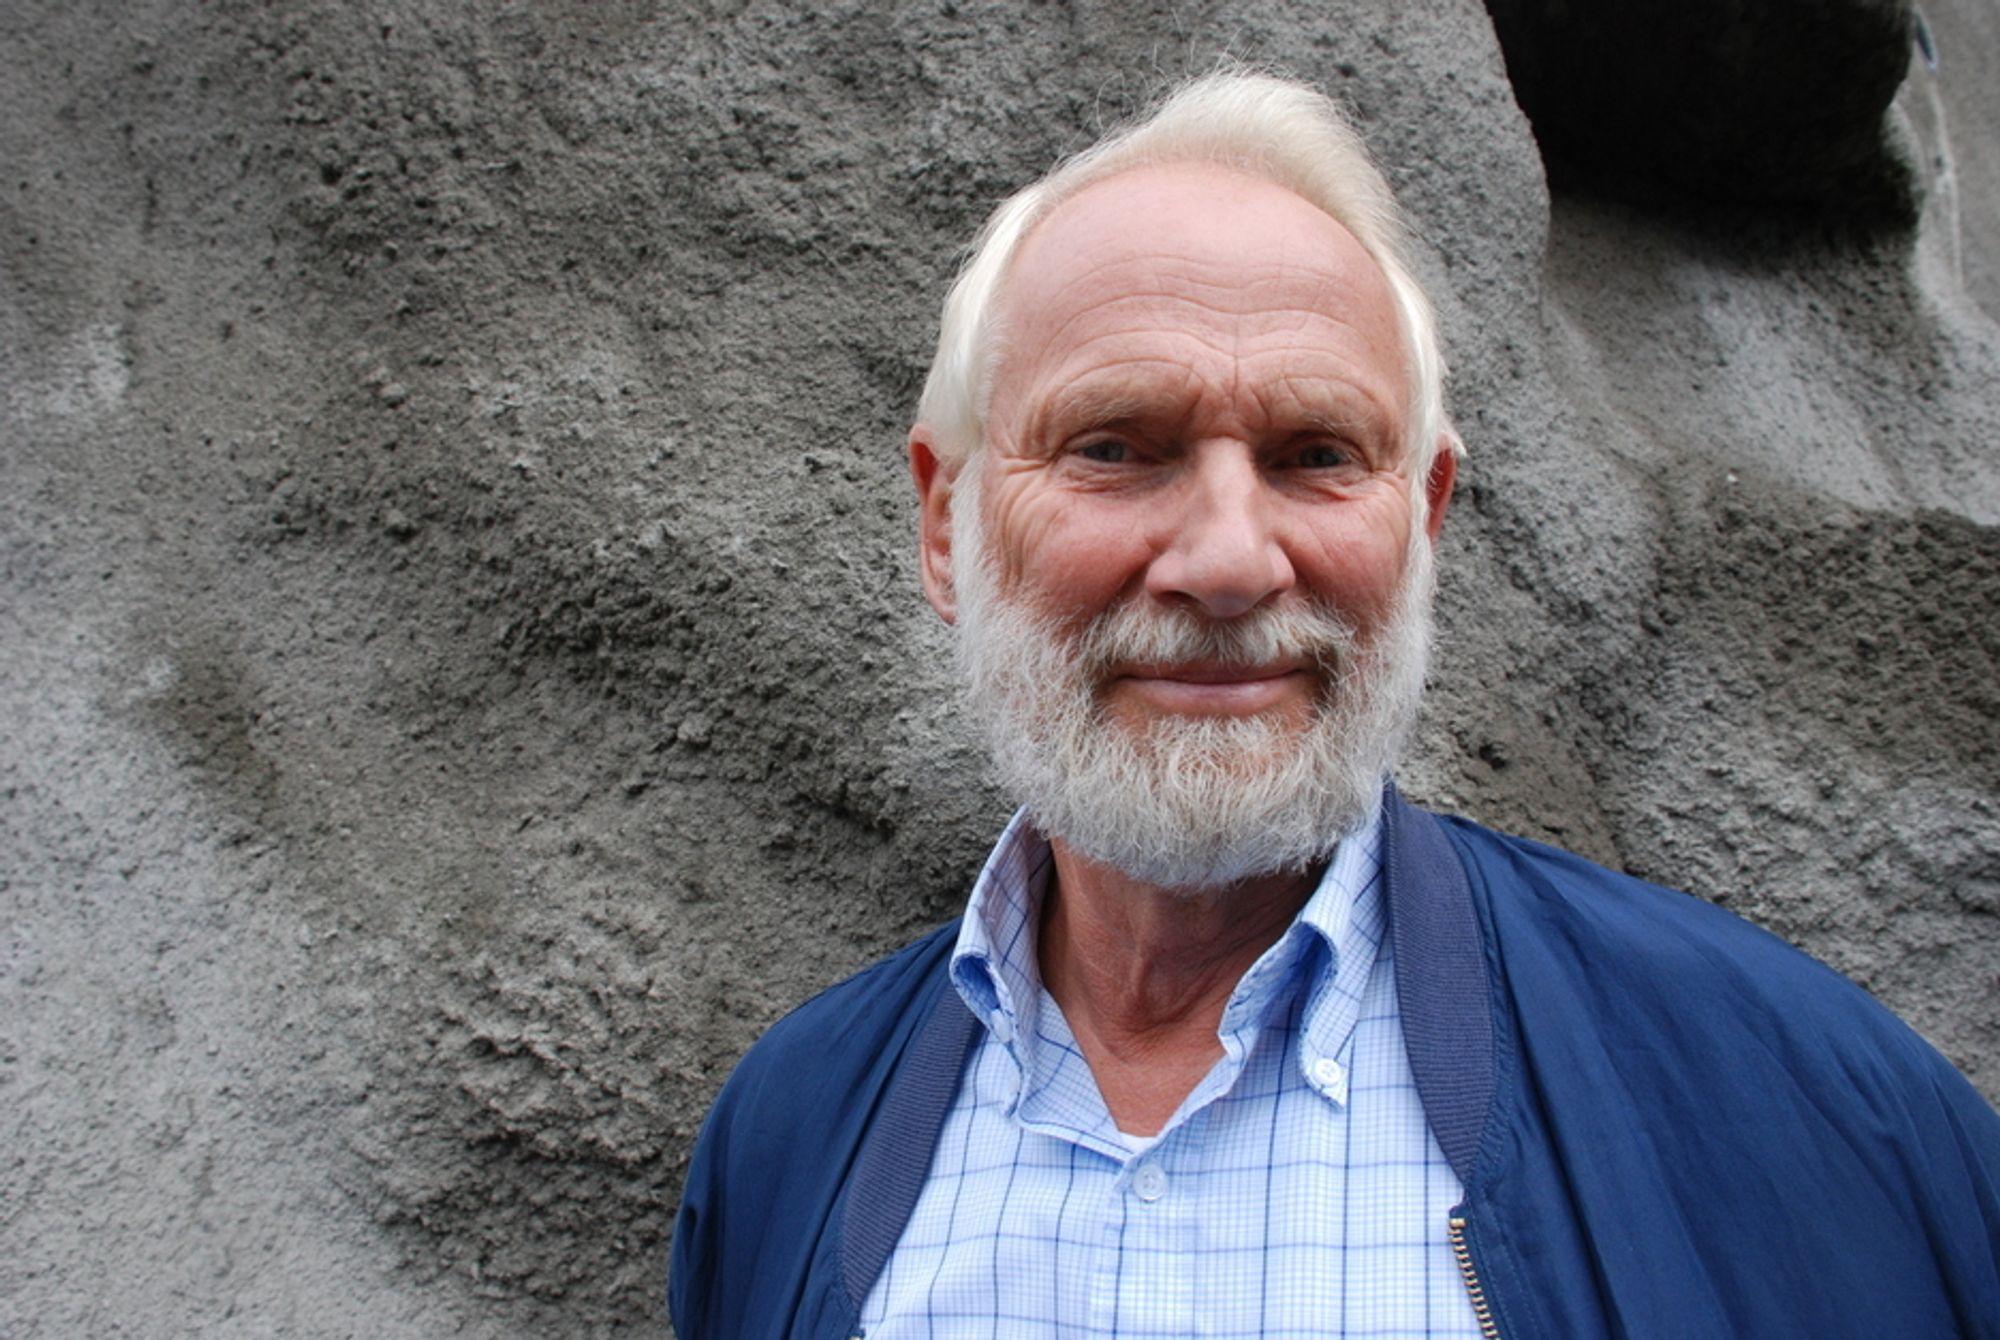 BELASTER STATSAPPARATET: Politisk uenighet i regjeringsapparatet gjør det vanskelig for dem som skal gjøre de faglige, tekniske vurderingene, sier tidligere konsesjonsdirektør Bjørn Wold.